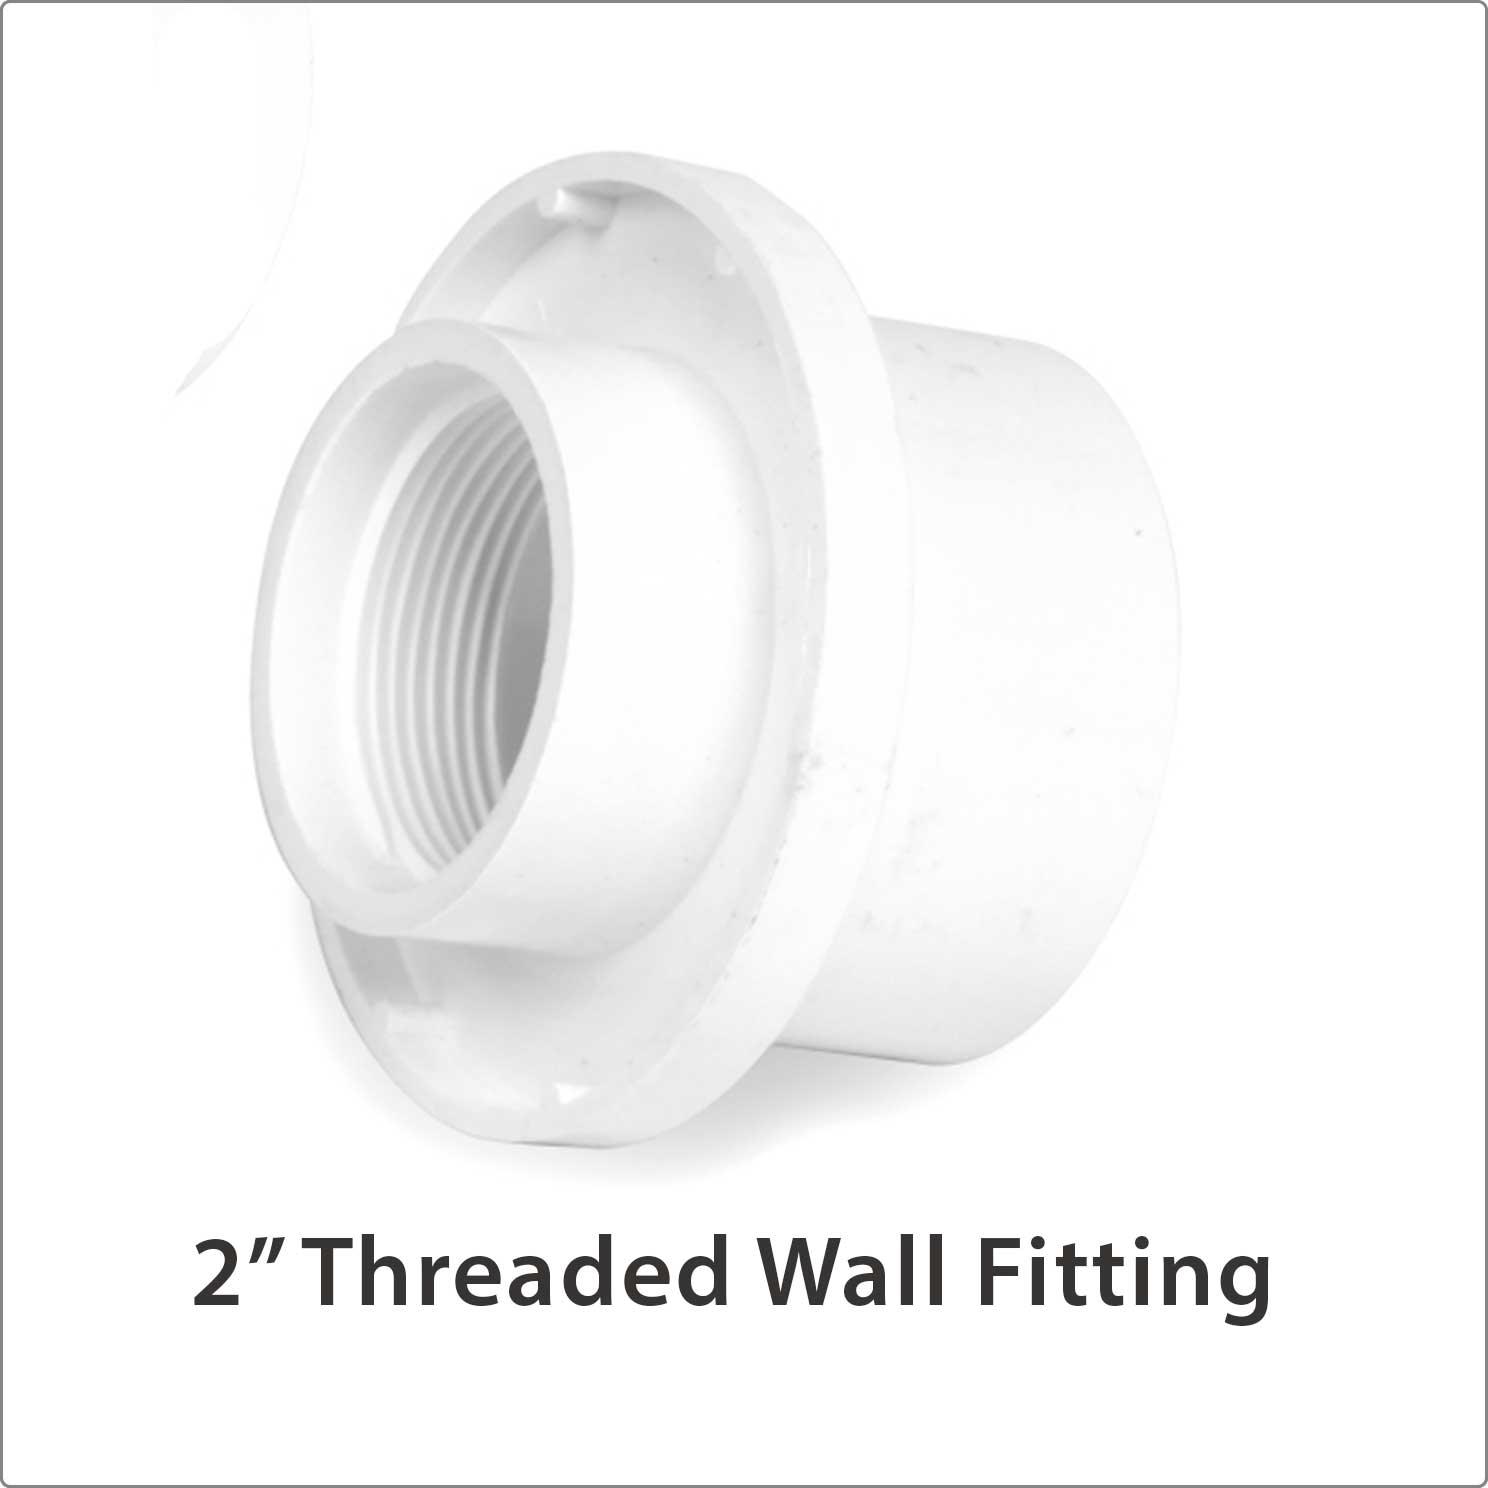 Threaded-Wall-Fitting-2-inch.jpg